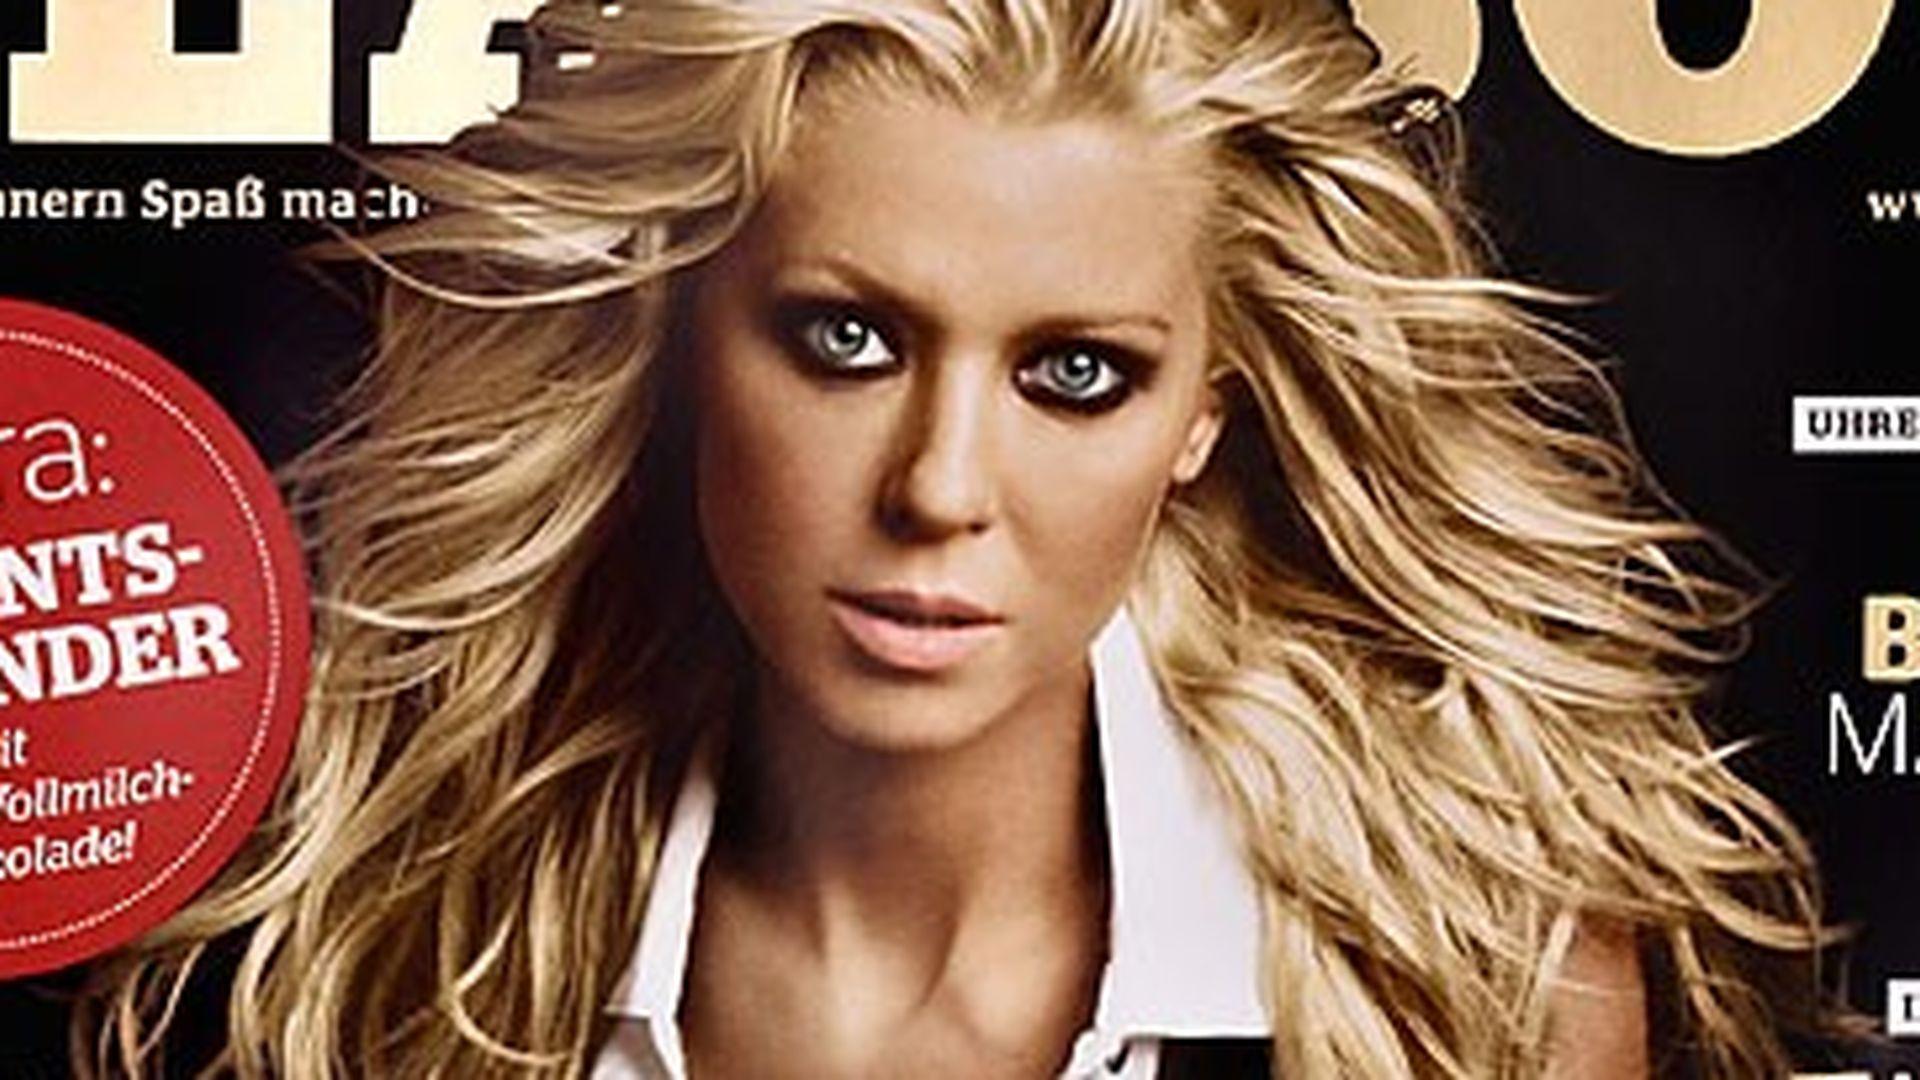 Welcher Playboy Verkaufte Sich 2010 Am Besten  Promiflashde-8547